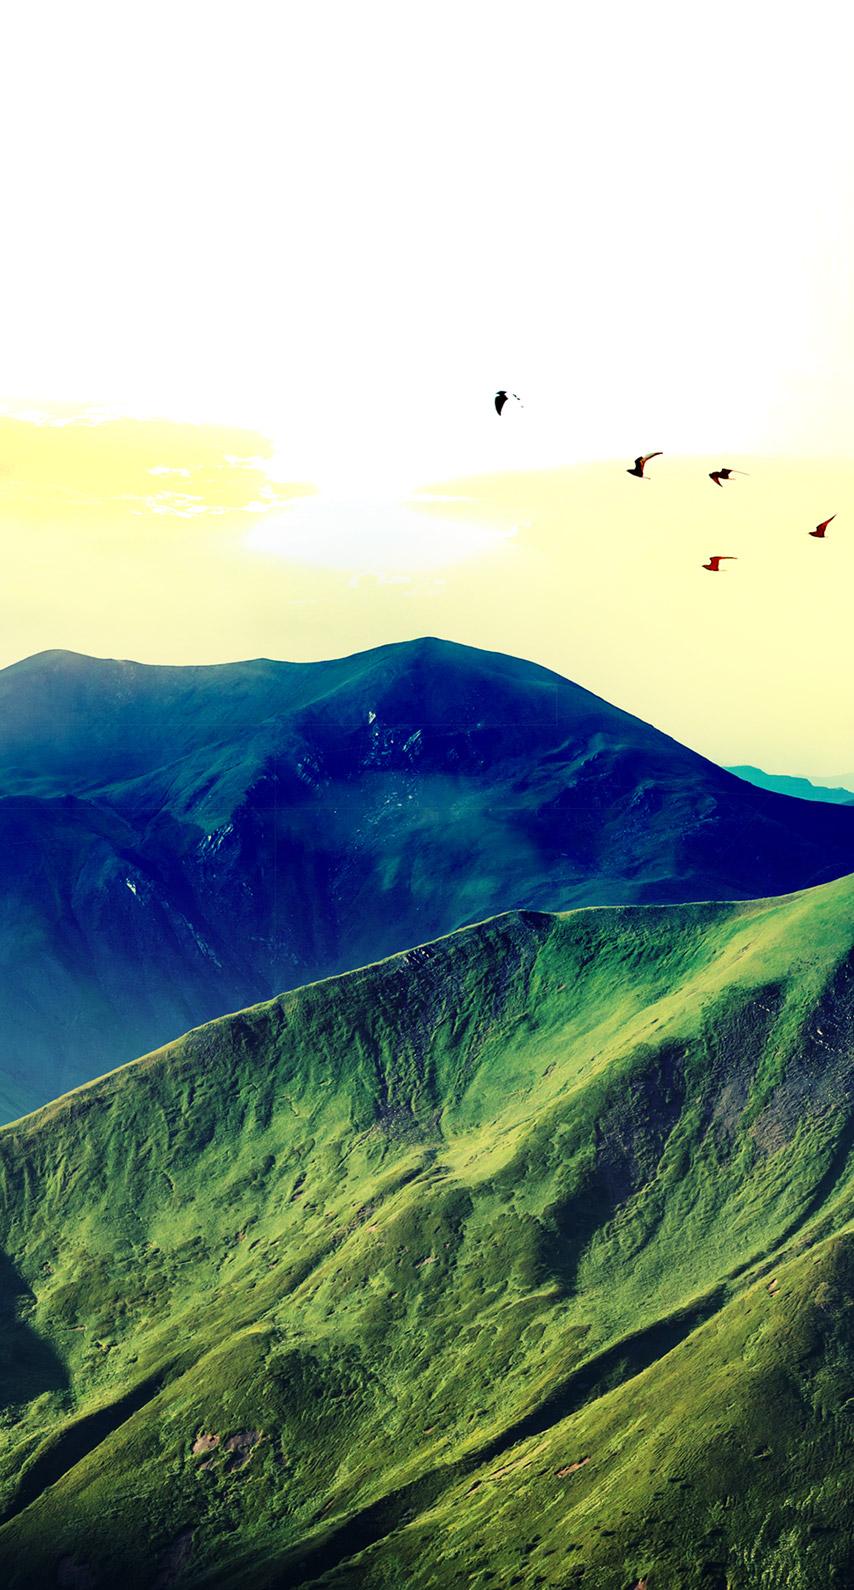 ridge, terrain